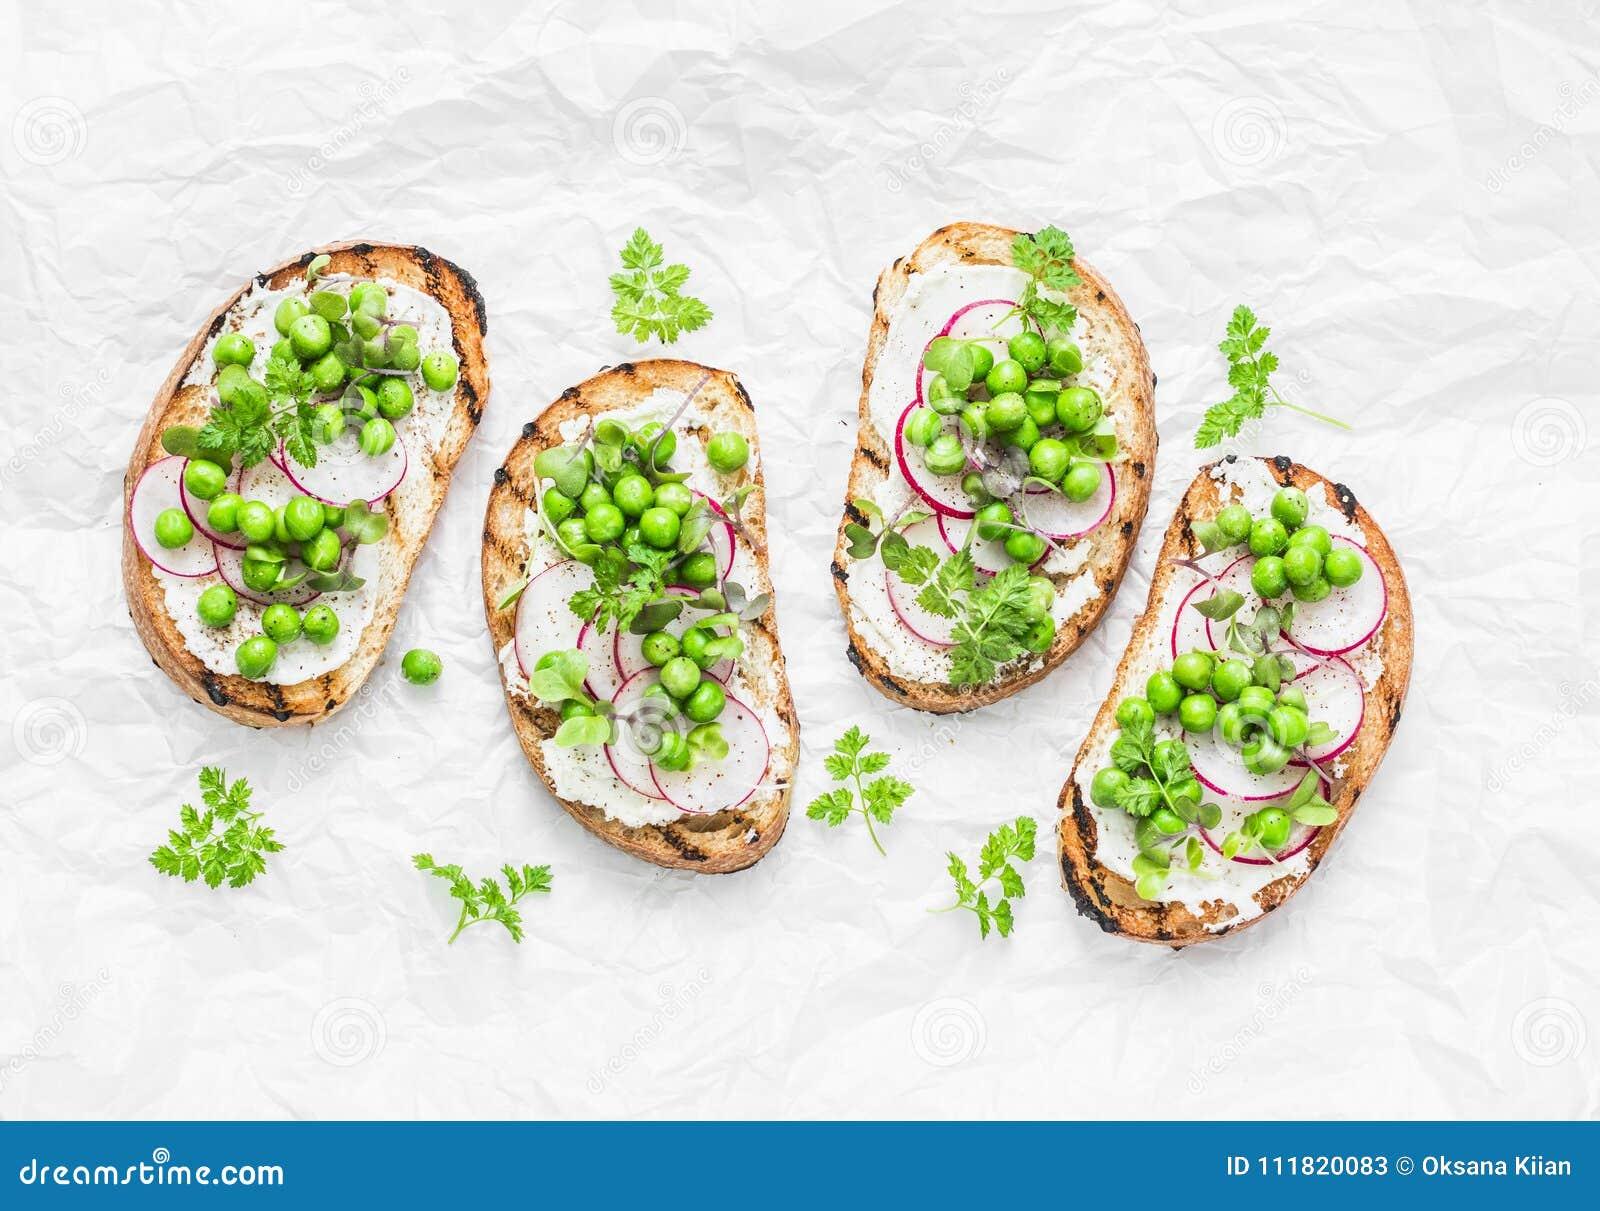 Pain grillé, fromage à pâte molle, pois, radis et sandwichs micro à ressort de verts Consommation saine, amincissant, mode de vie